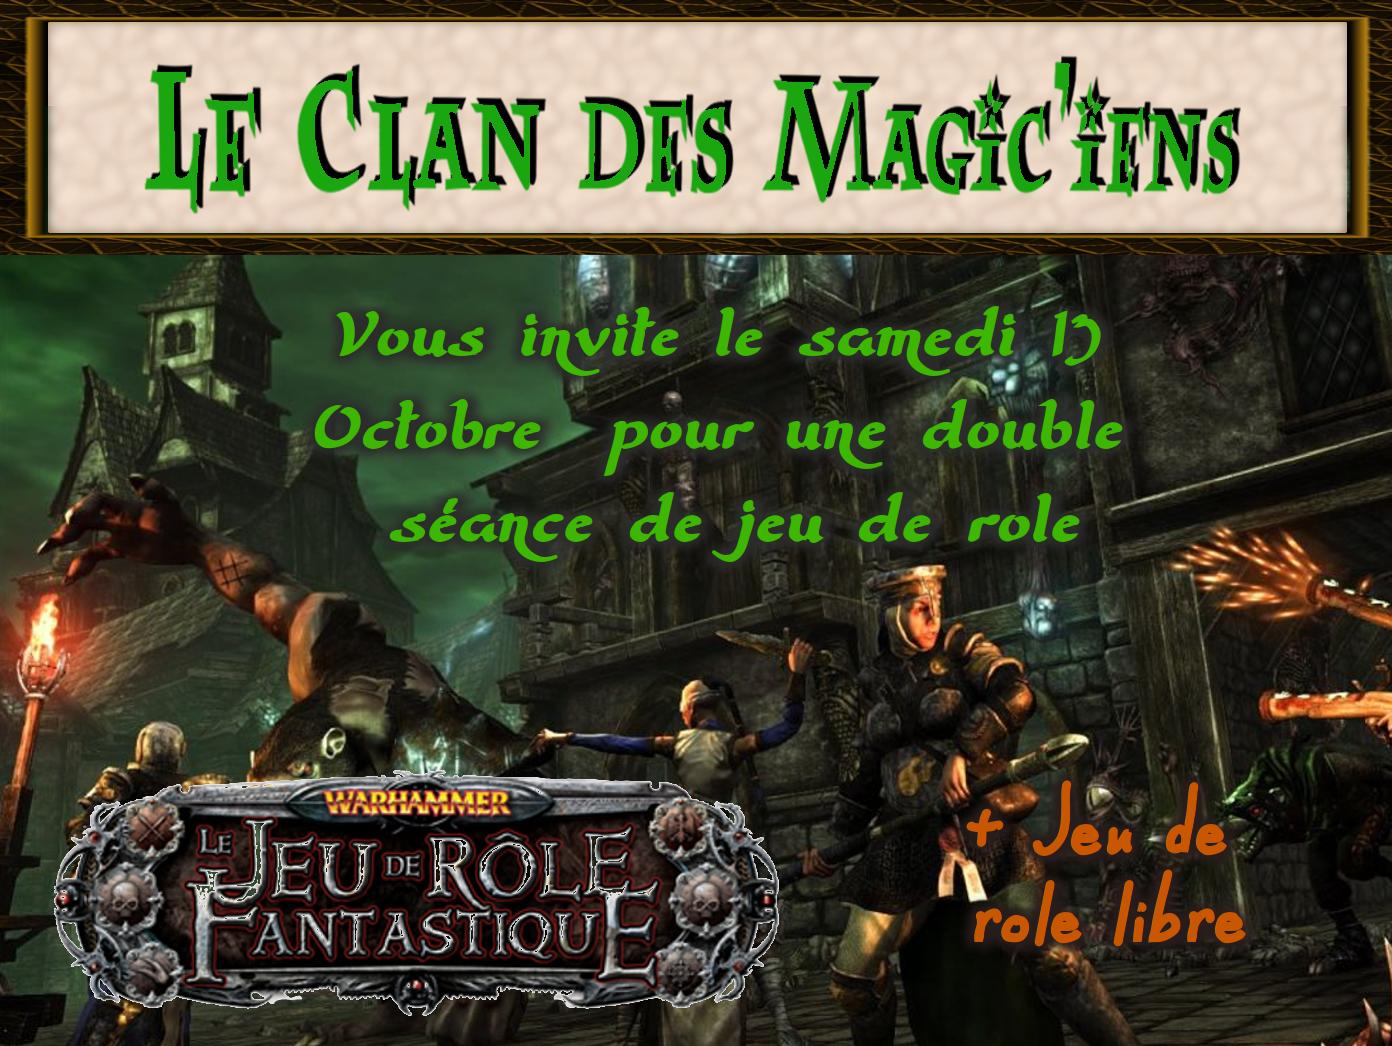 Samedi 13 Octobre : Double séance de Jeu de Rôle : Warhammer + Jeu de rôle libre EjJDP